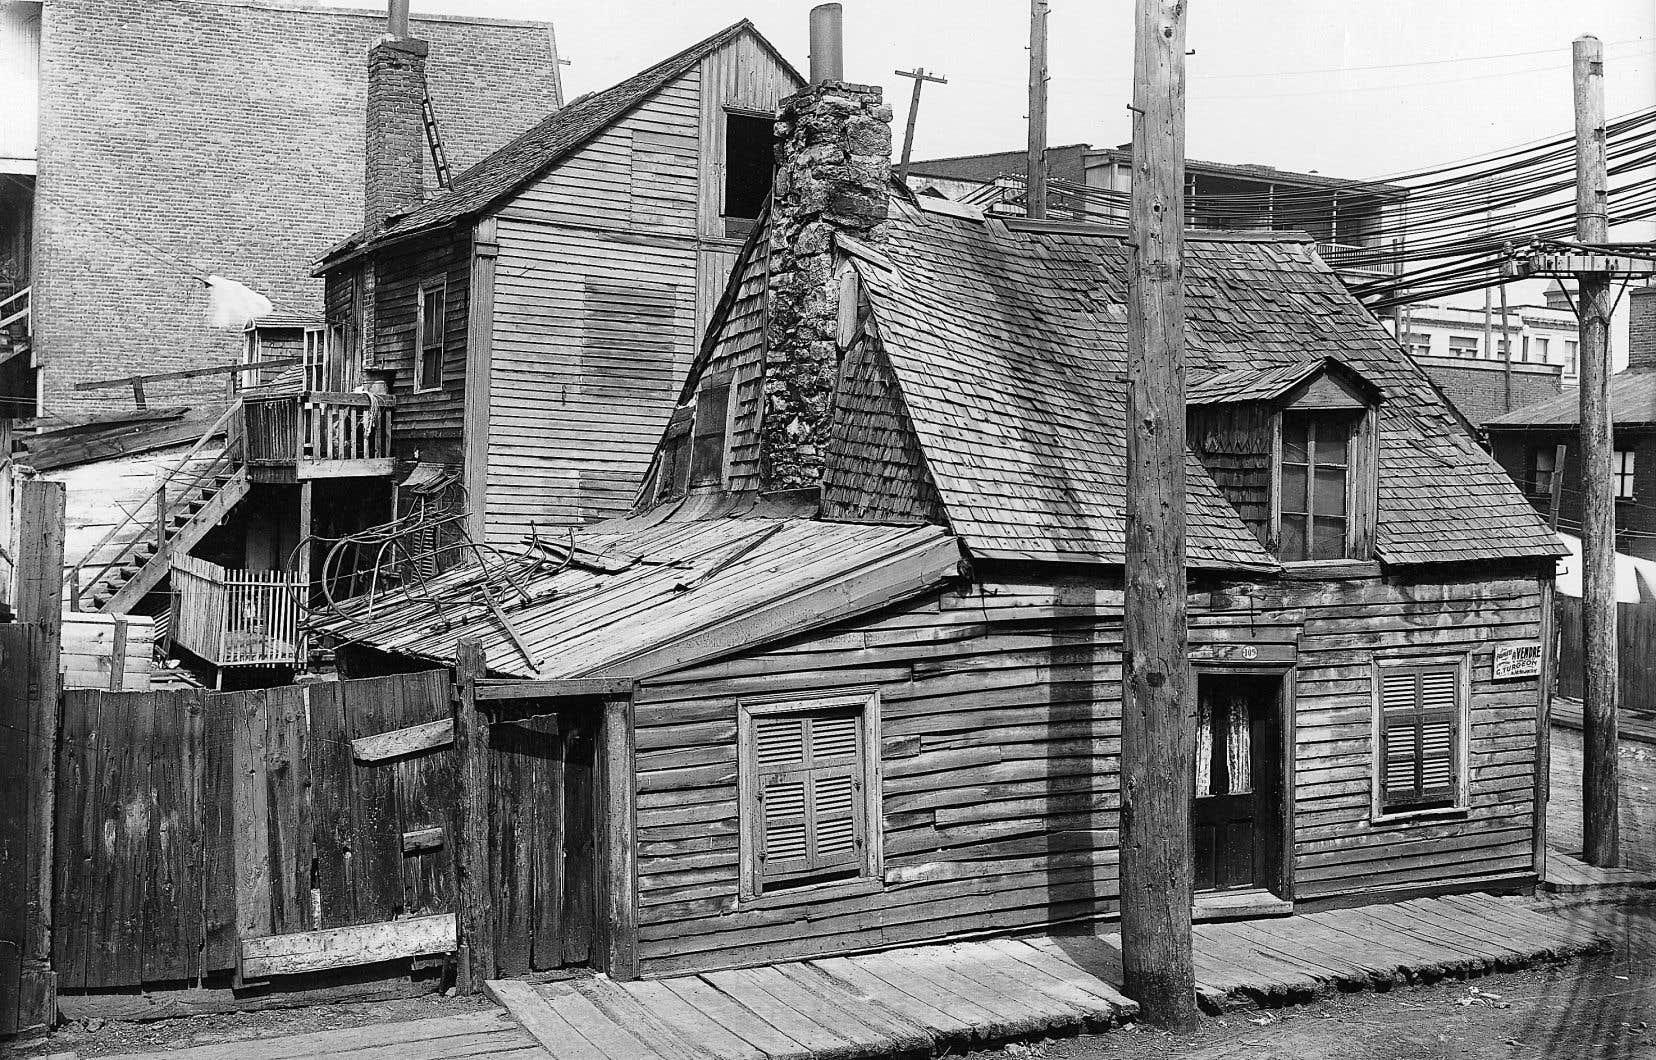 Petite maison d'un quartier populaire de Montréal tel qu'on pouvait en voir au milieu du XIXe siècle et qui existait encore, en bien des endroits, au début du siècle suivant, comme sur cette photographie prise en 1903.